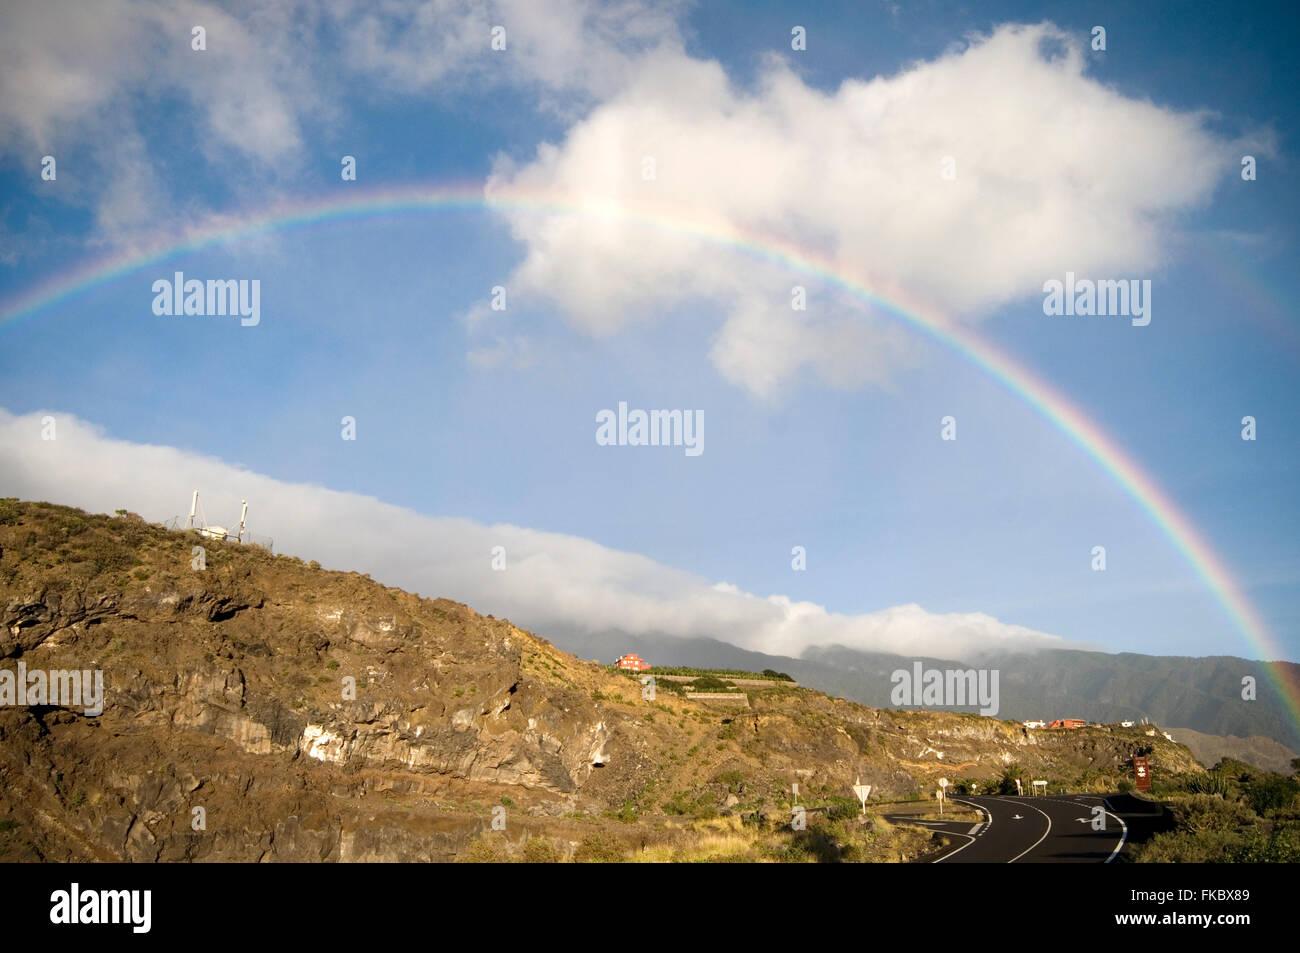 Les arcs-en-ciel Arc-en-ciel de la réfraction de l'eau lumière rentrée complète index arch Photo Stock